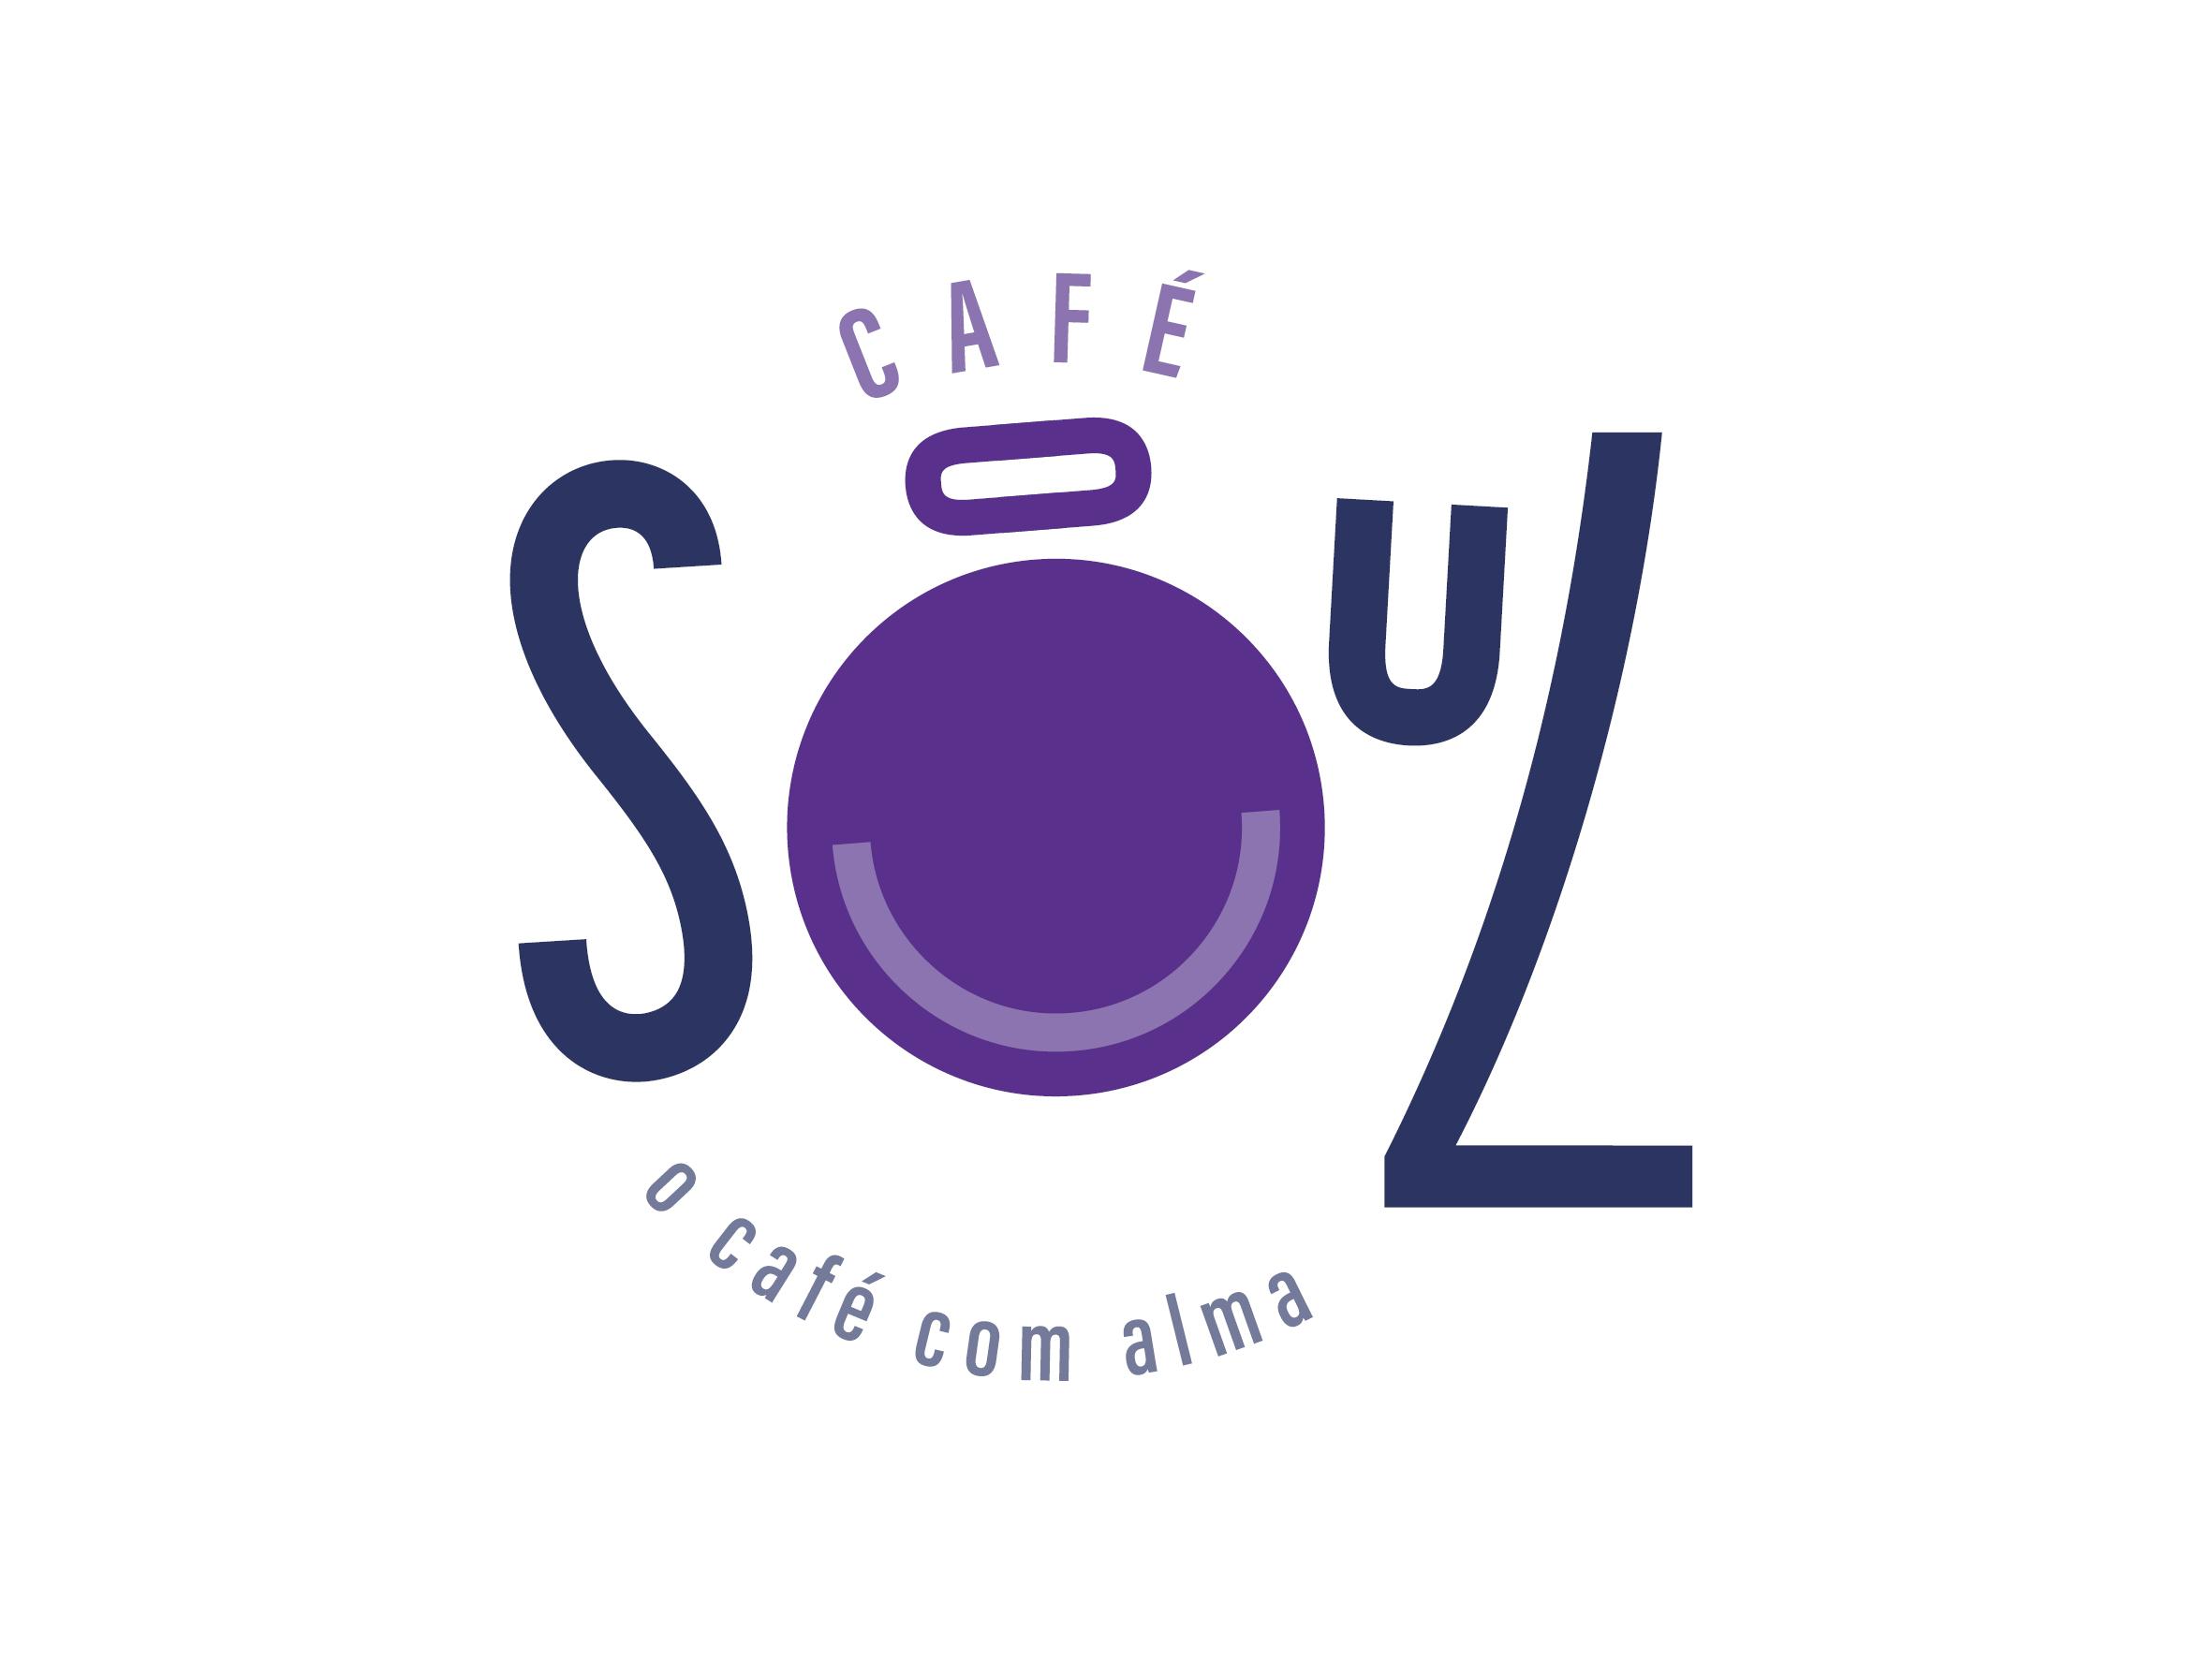 Family Brand Café Soul Packaging Design